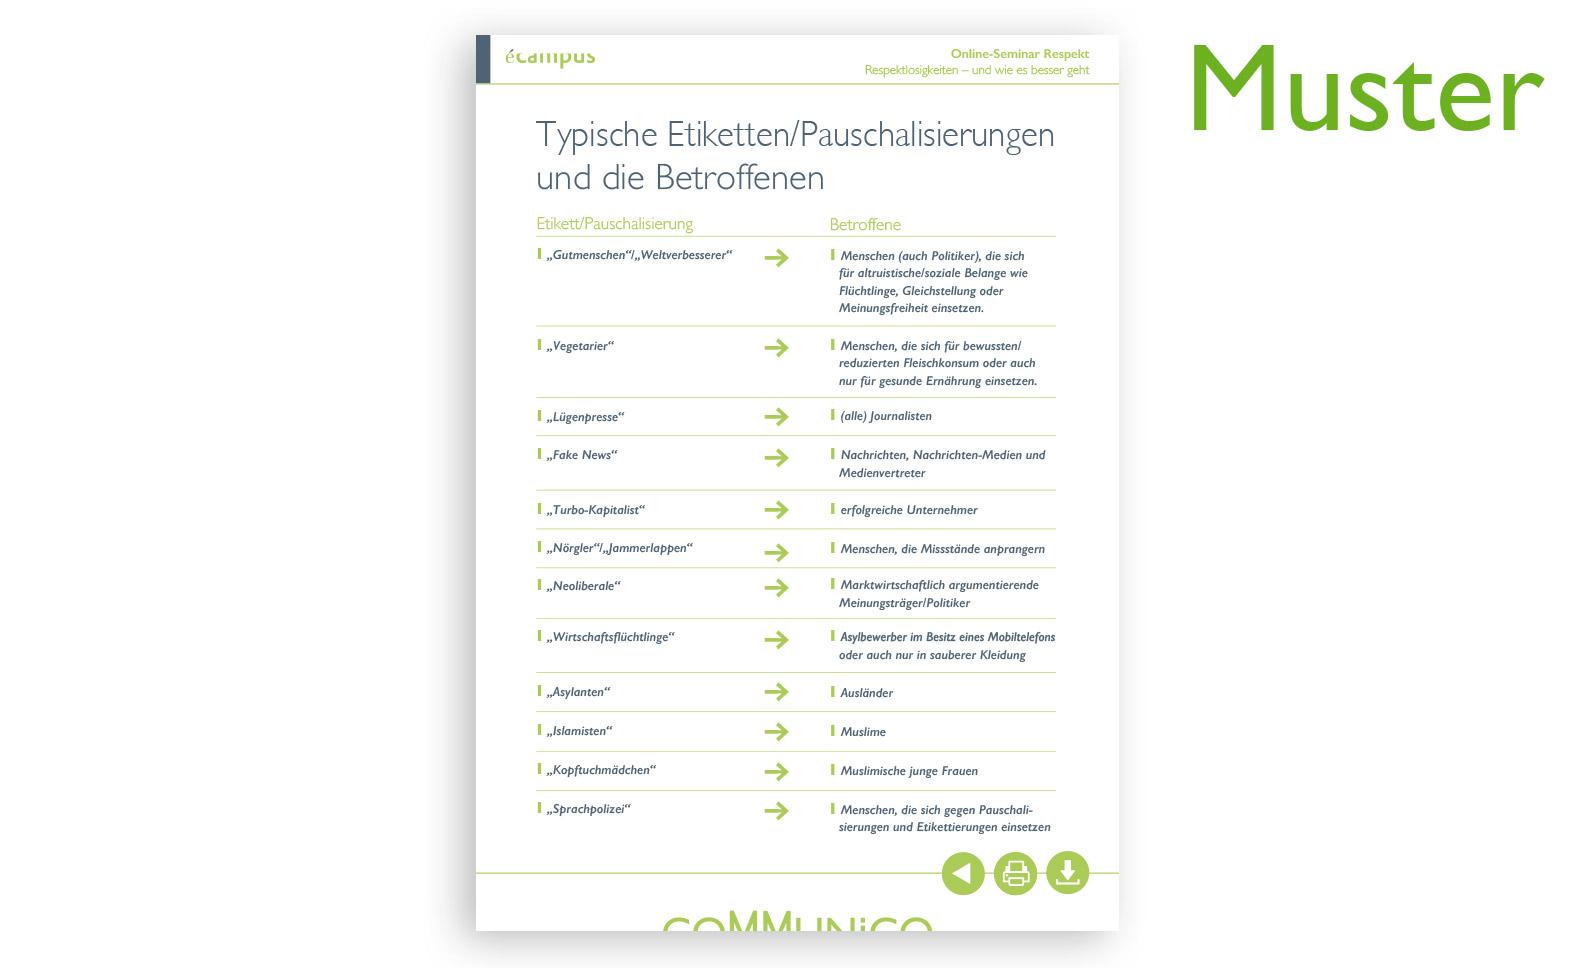 communico-ecampus-online-seminar-respekt-PDF-Beispiel-1